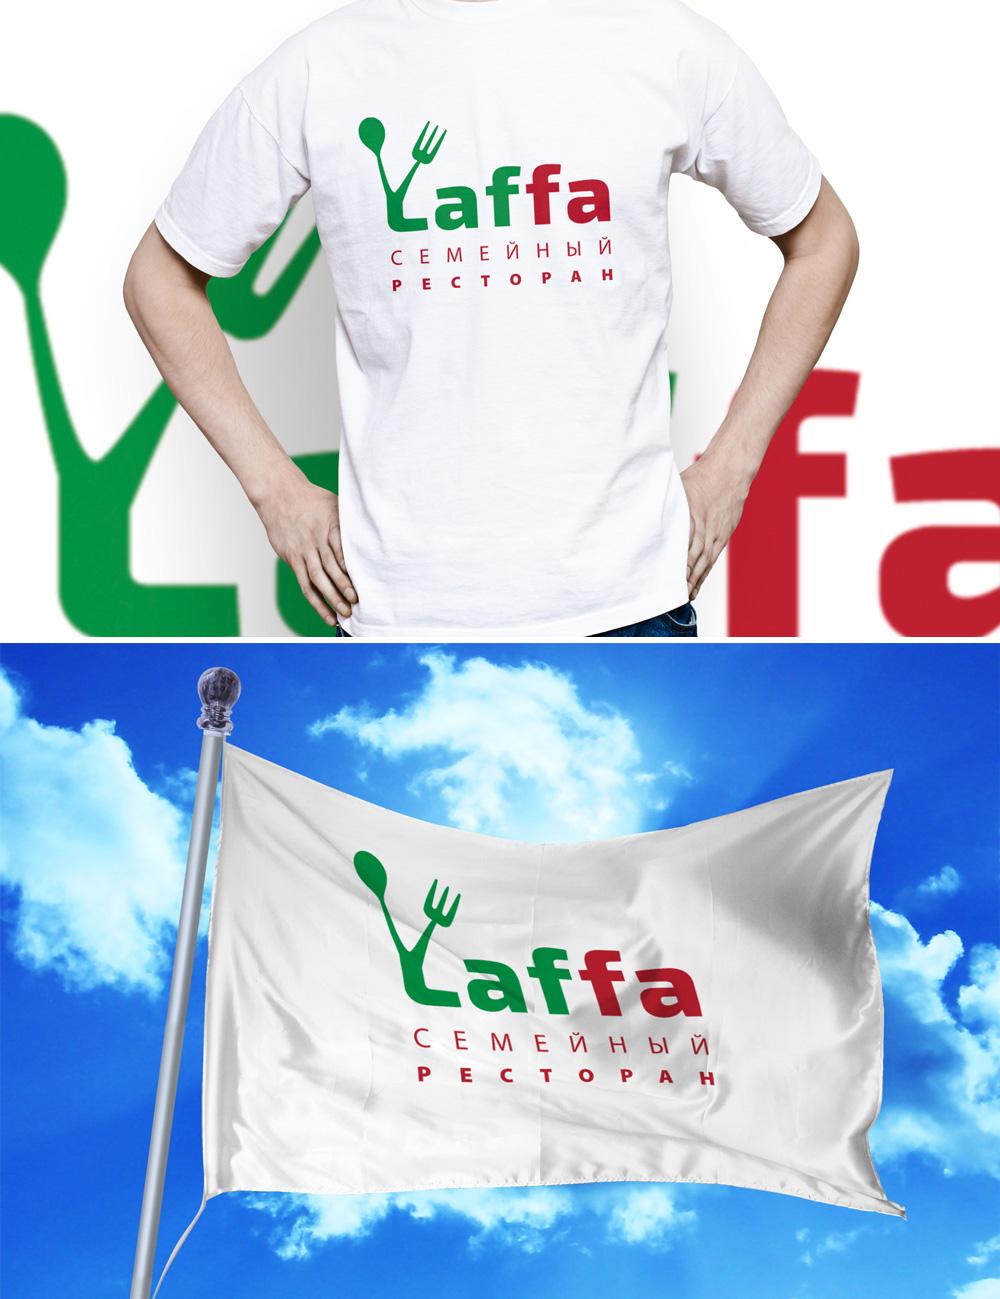 Нужно нарисовать логотип для семейного итальянского ресторан фото f_602554cc19006751.jpg